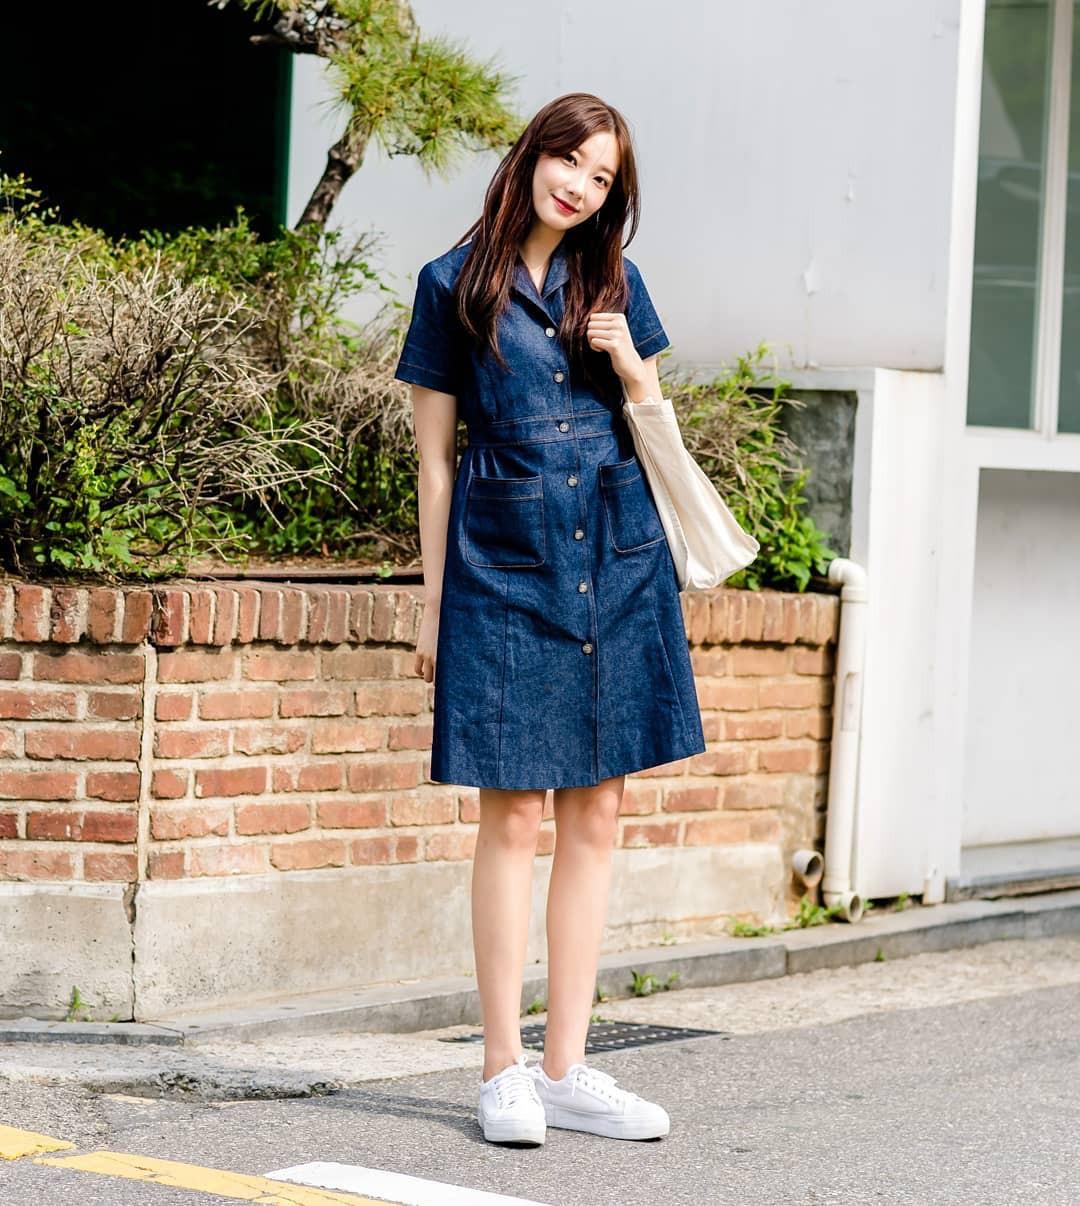 Lại phải ghen tị với khả năng lên đồ đơn giản mà chất như nước cất của giới trẻ Hàn - Ảnh 5.